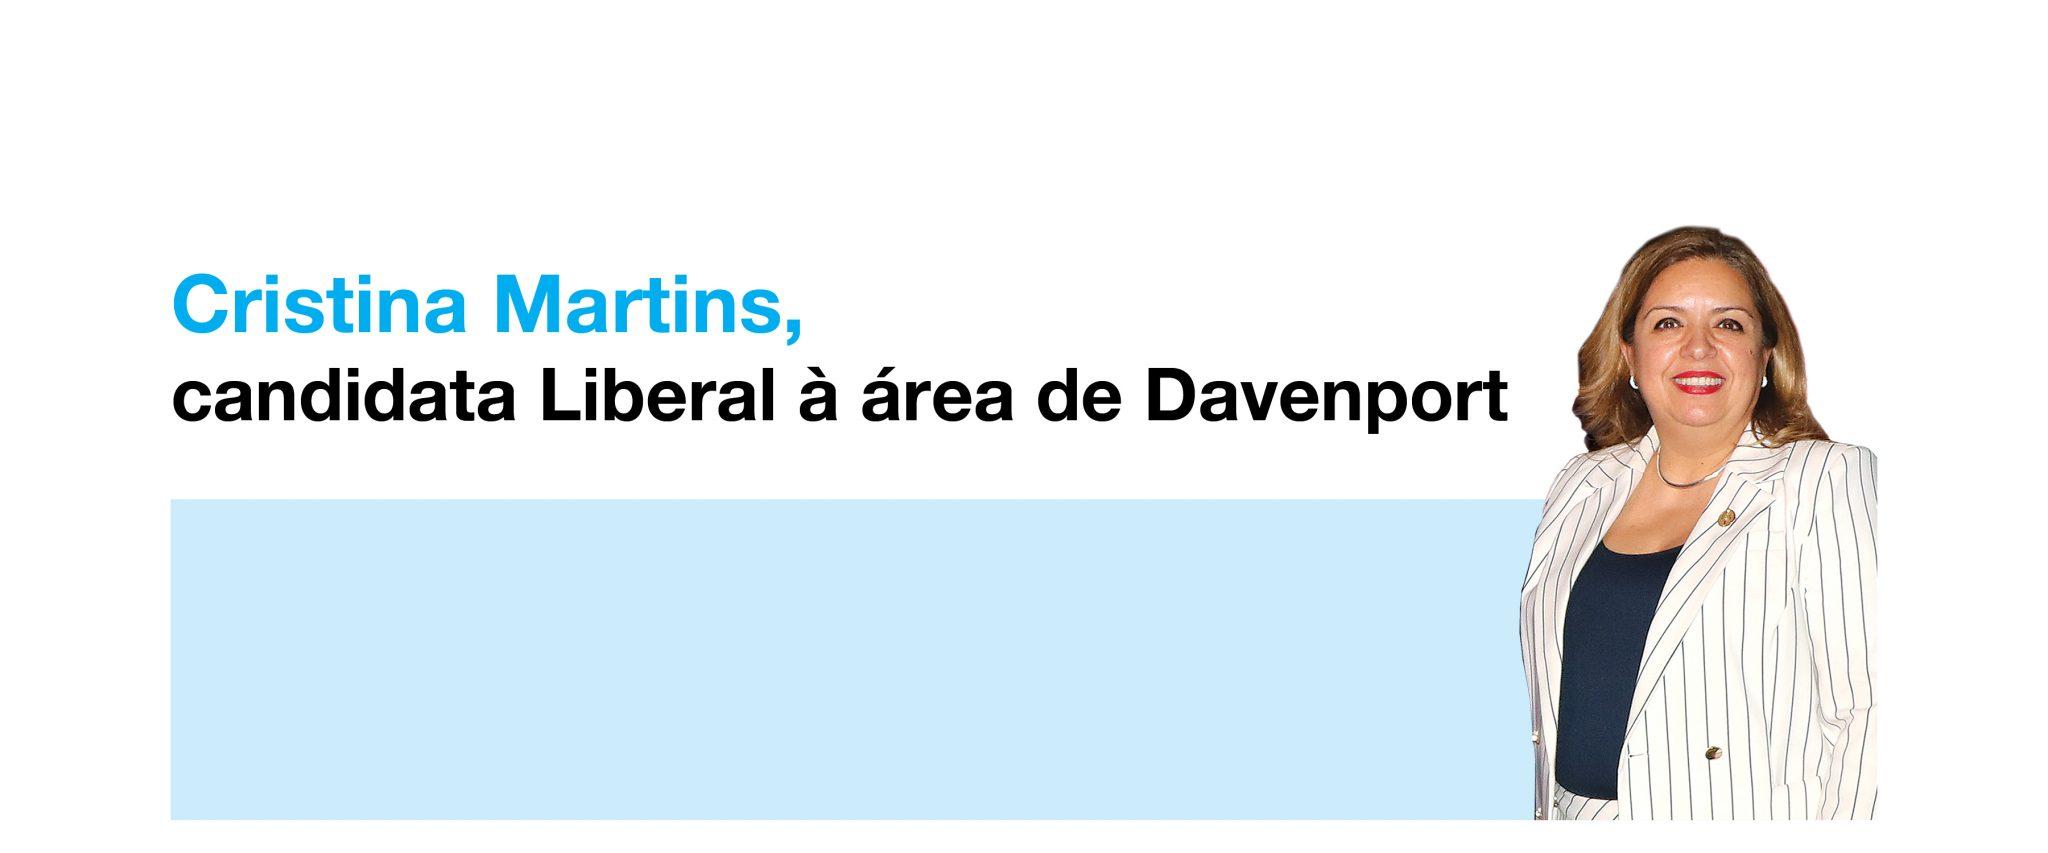 Photo of Cristina Martins, candidata Liberal à área de Davenport